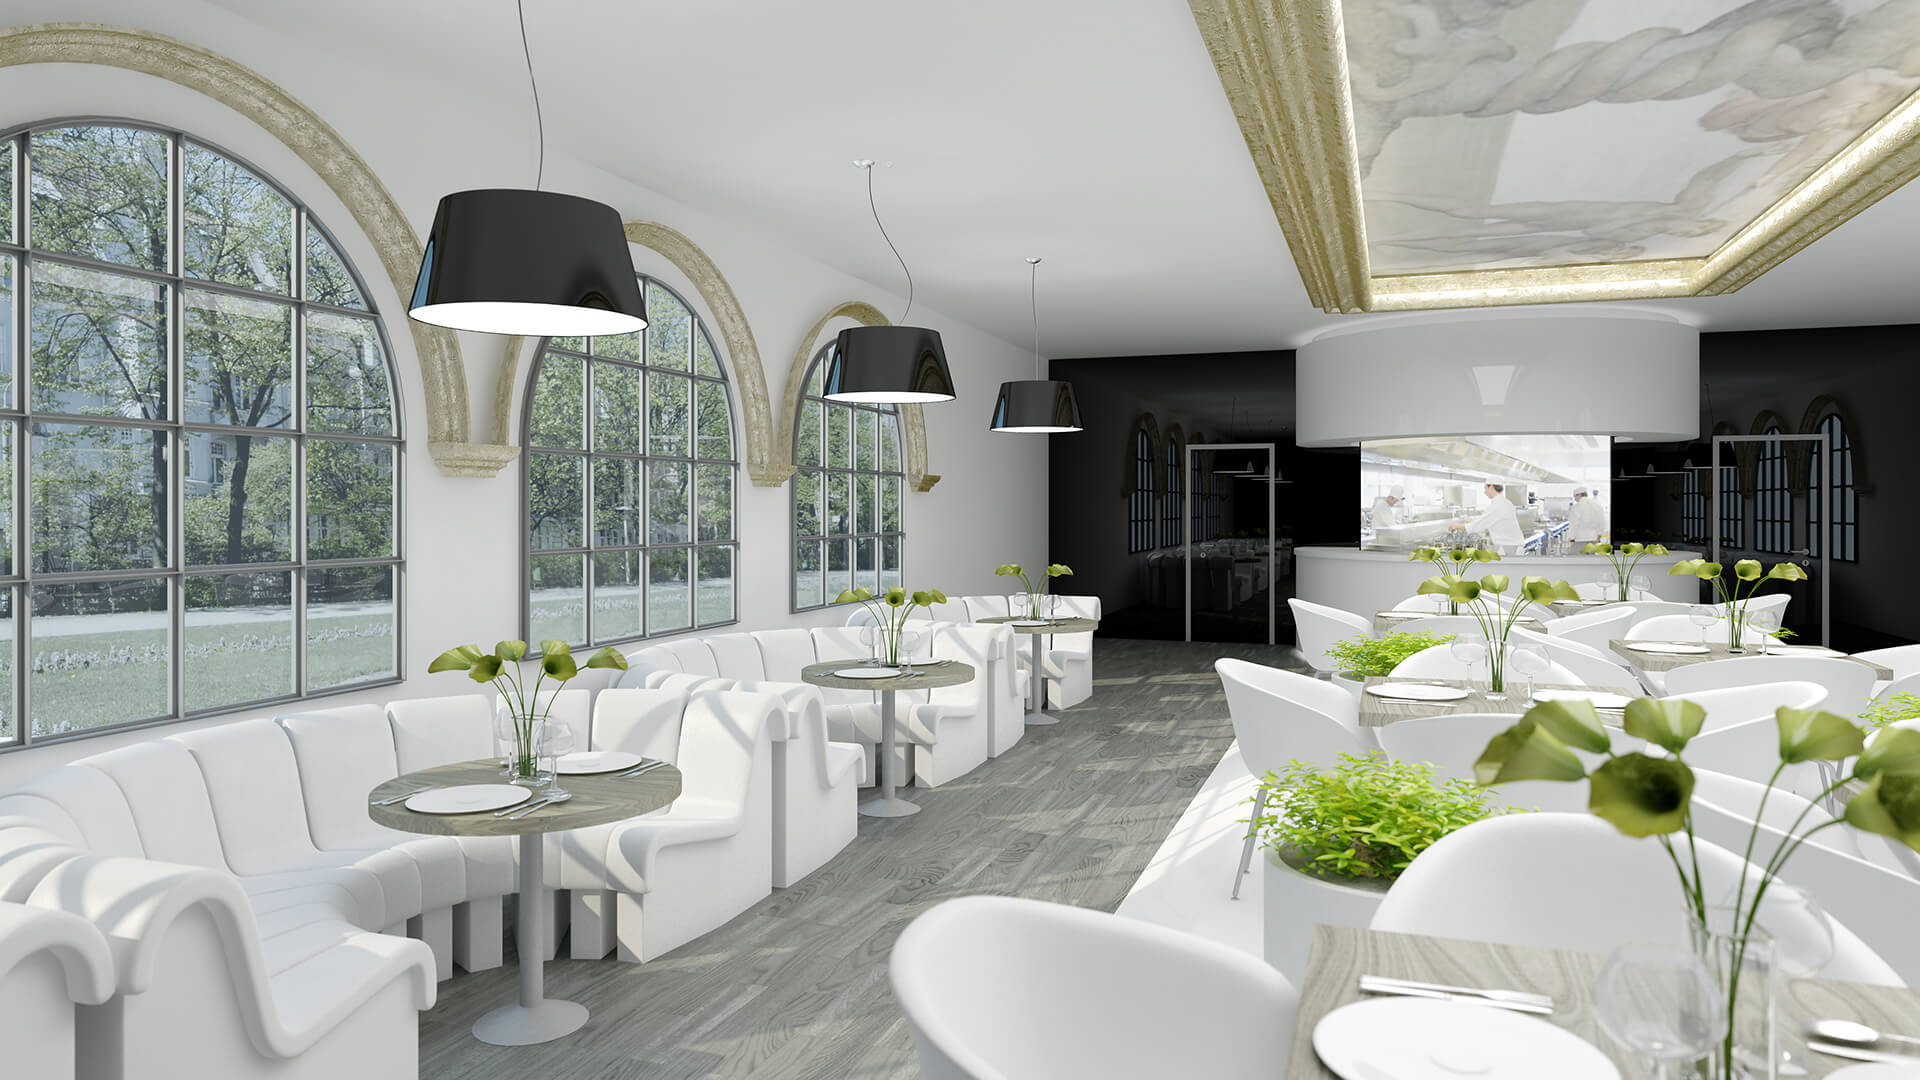 Restauracja Premium w Berlinie - Projekty Neostudio Architekci